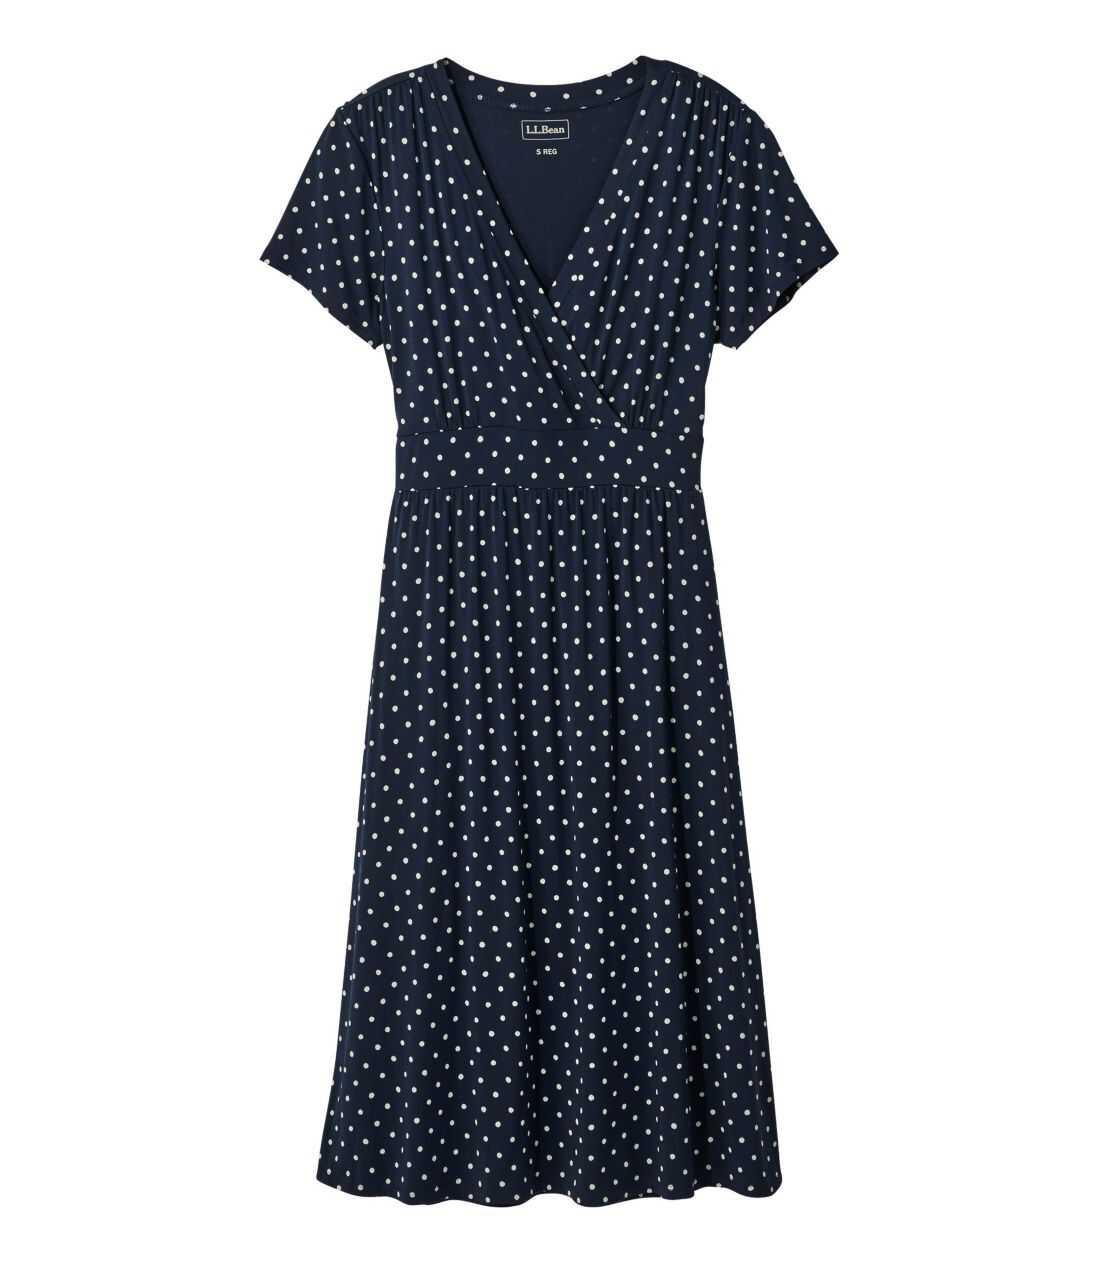 サマー・ニット・ドレス、半袖 プリント